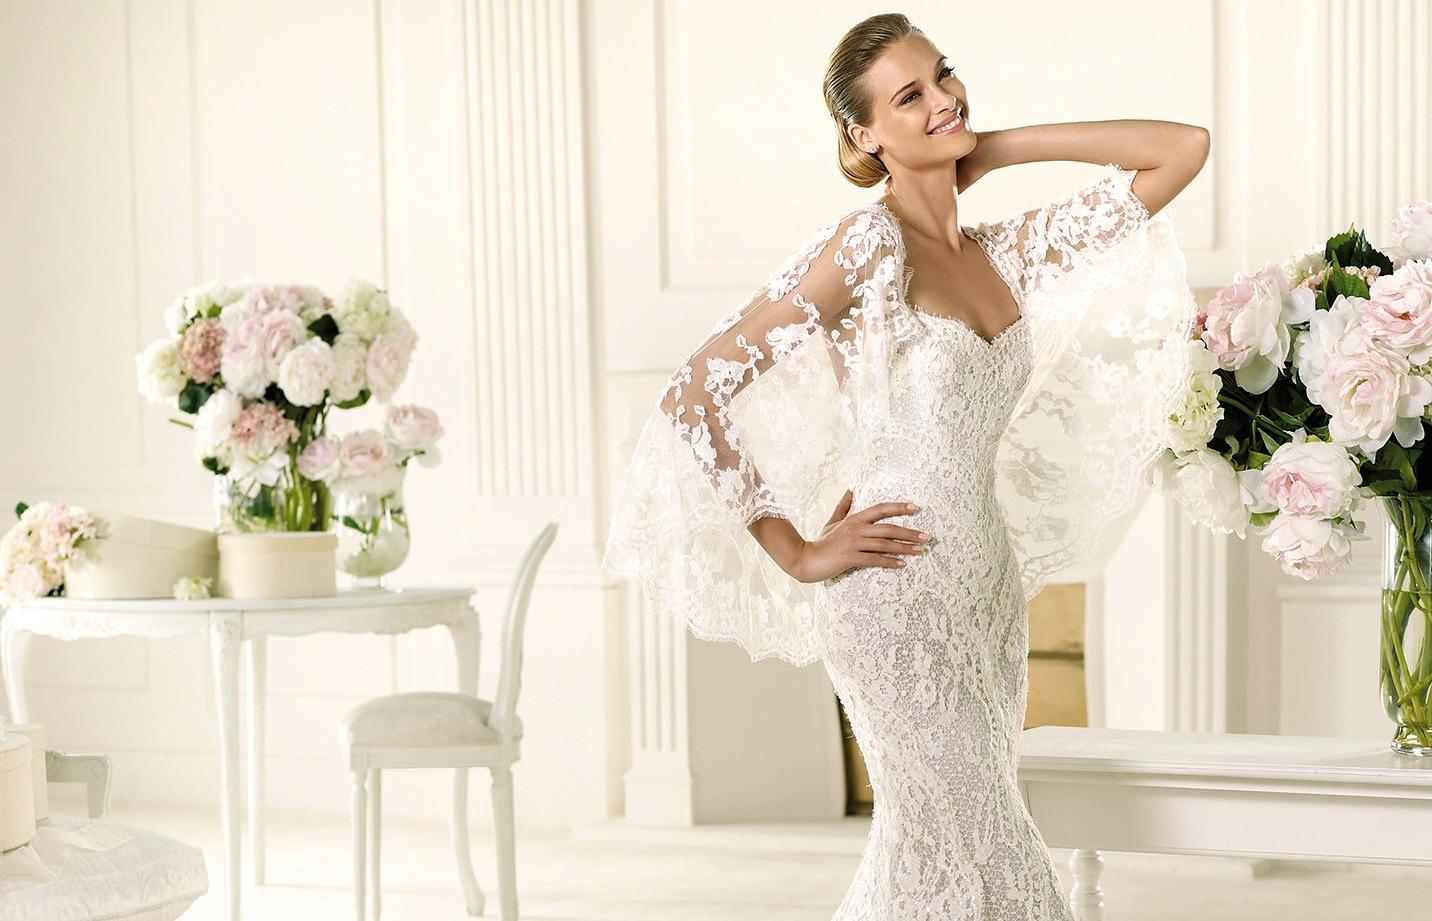 lace+wedding+dresses+cape+town wedding dress cape